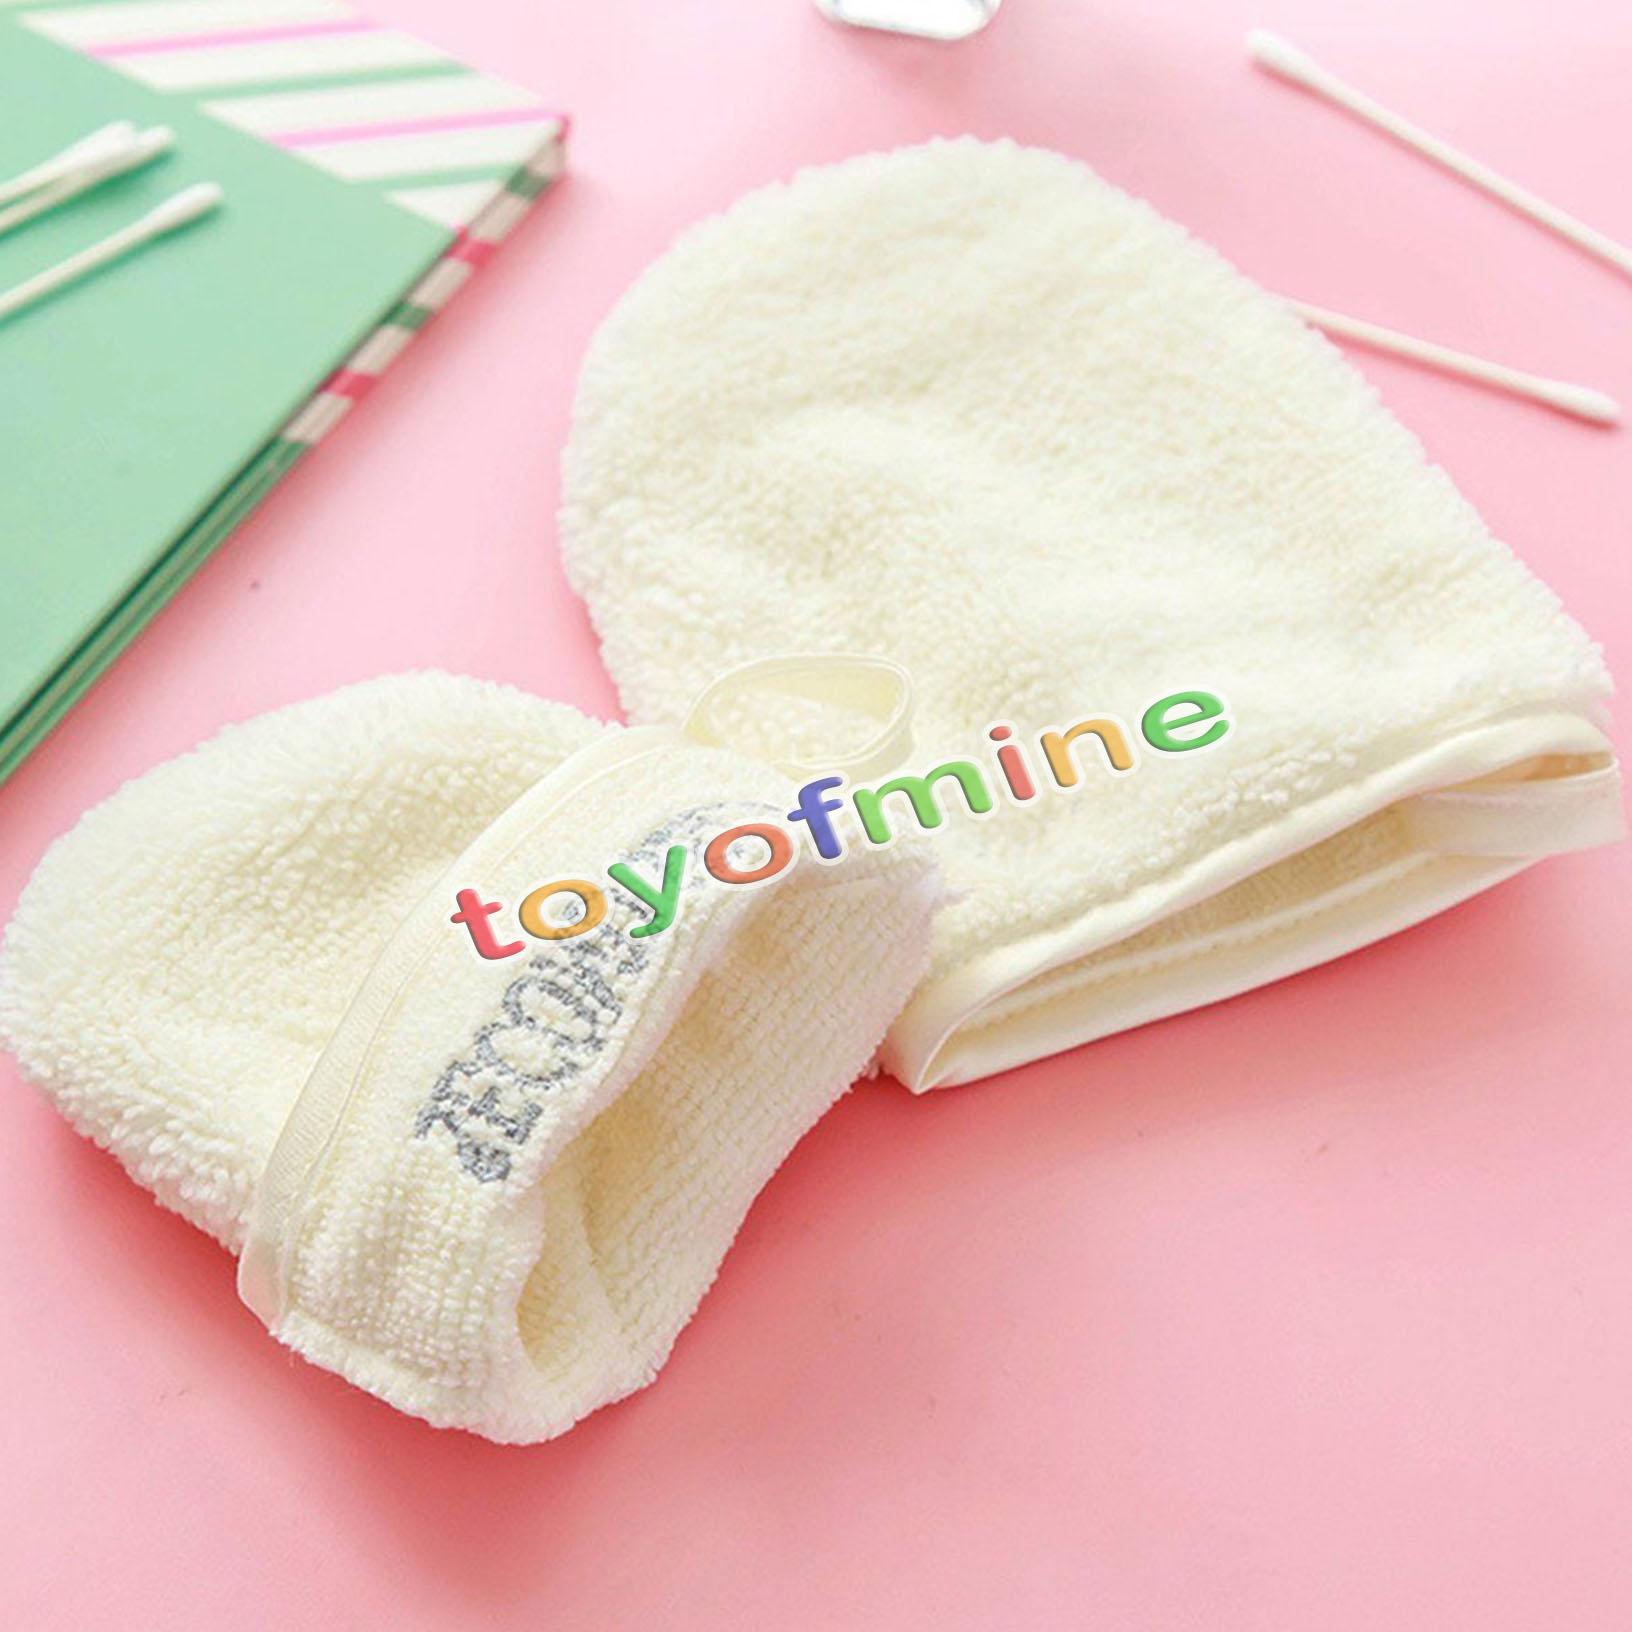 Makeup Remover Towel Target | Vizitmir.com